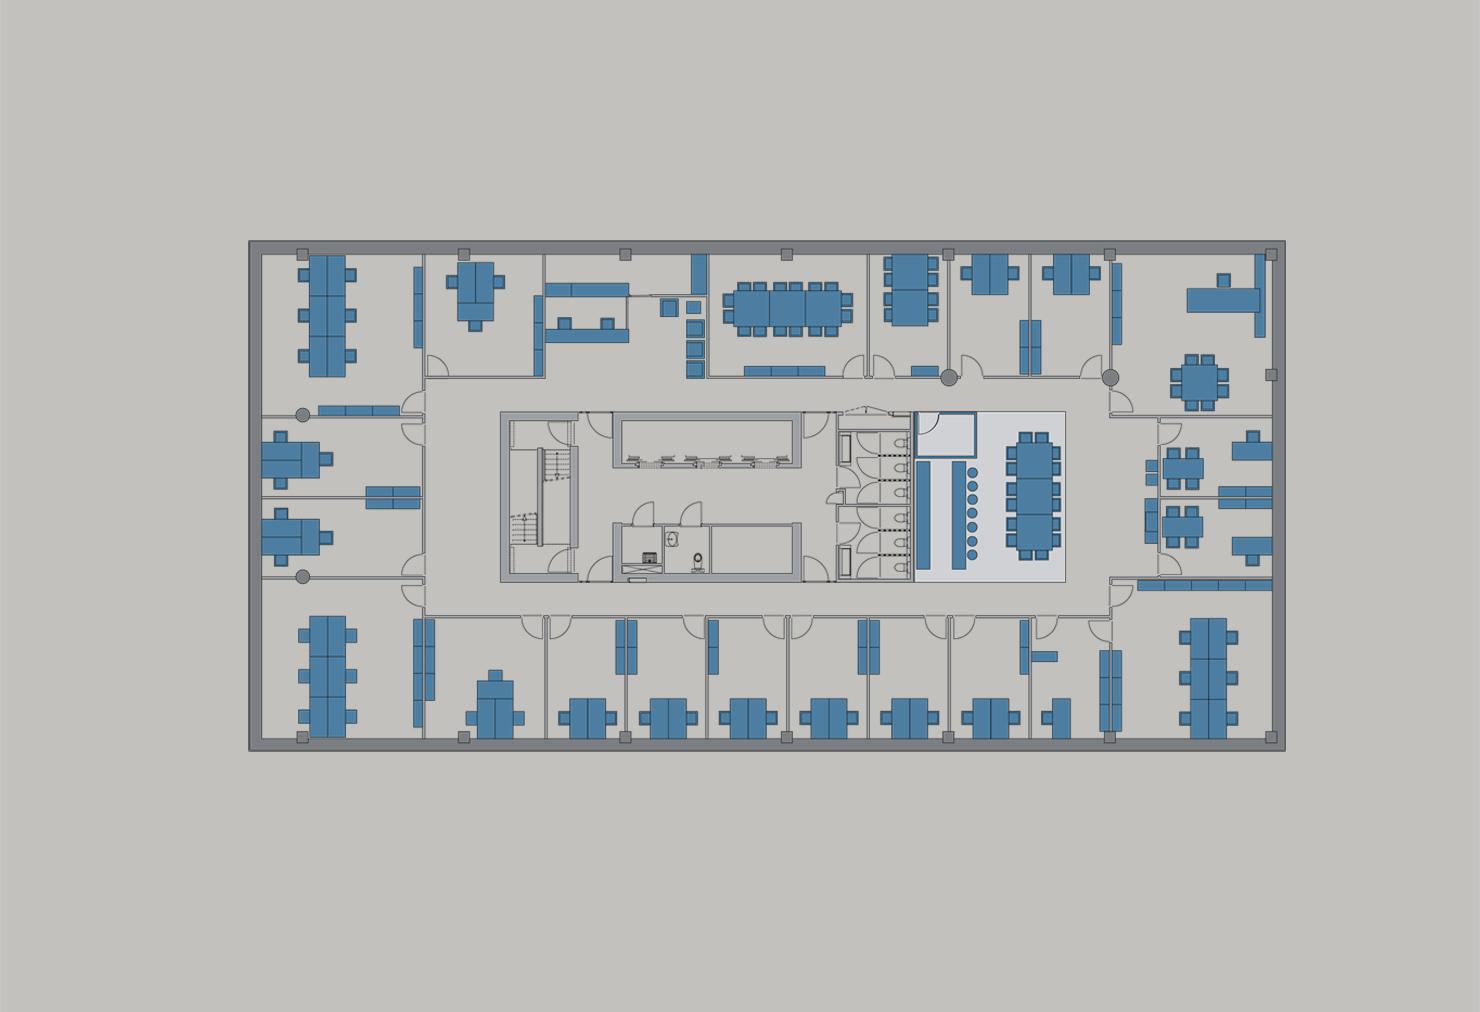 Kantoorgebouw De Landdrost Almere - Variant 2